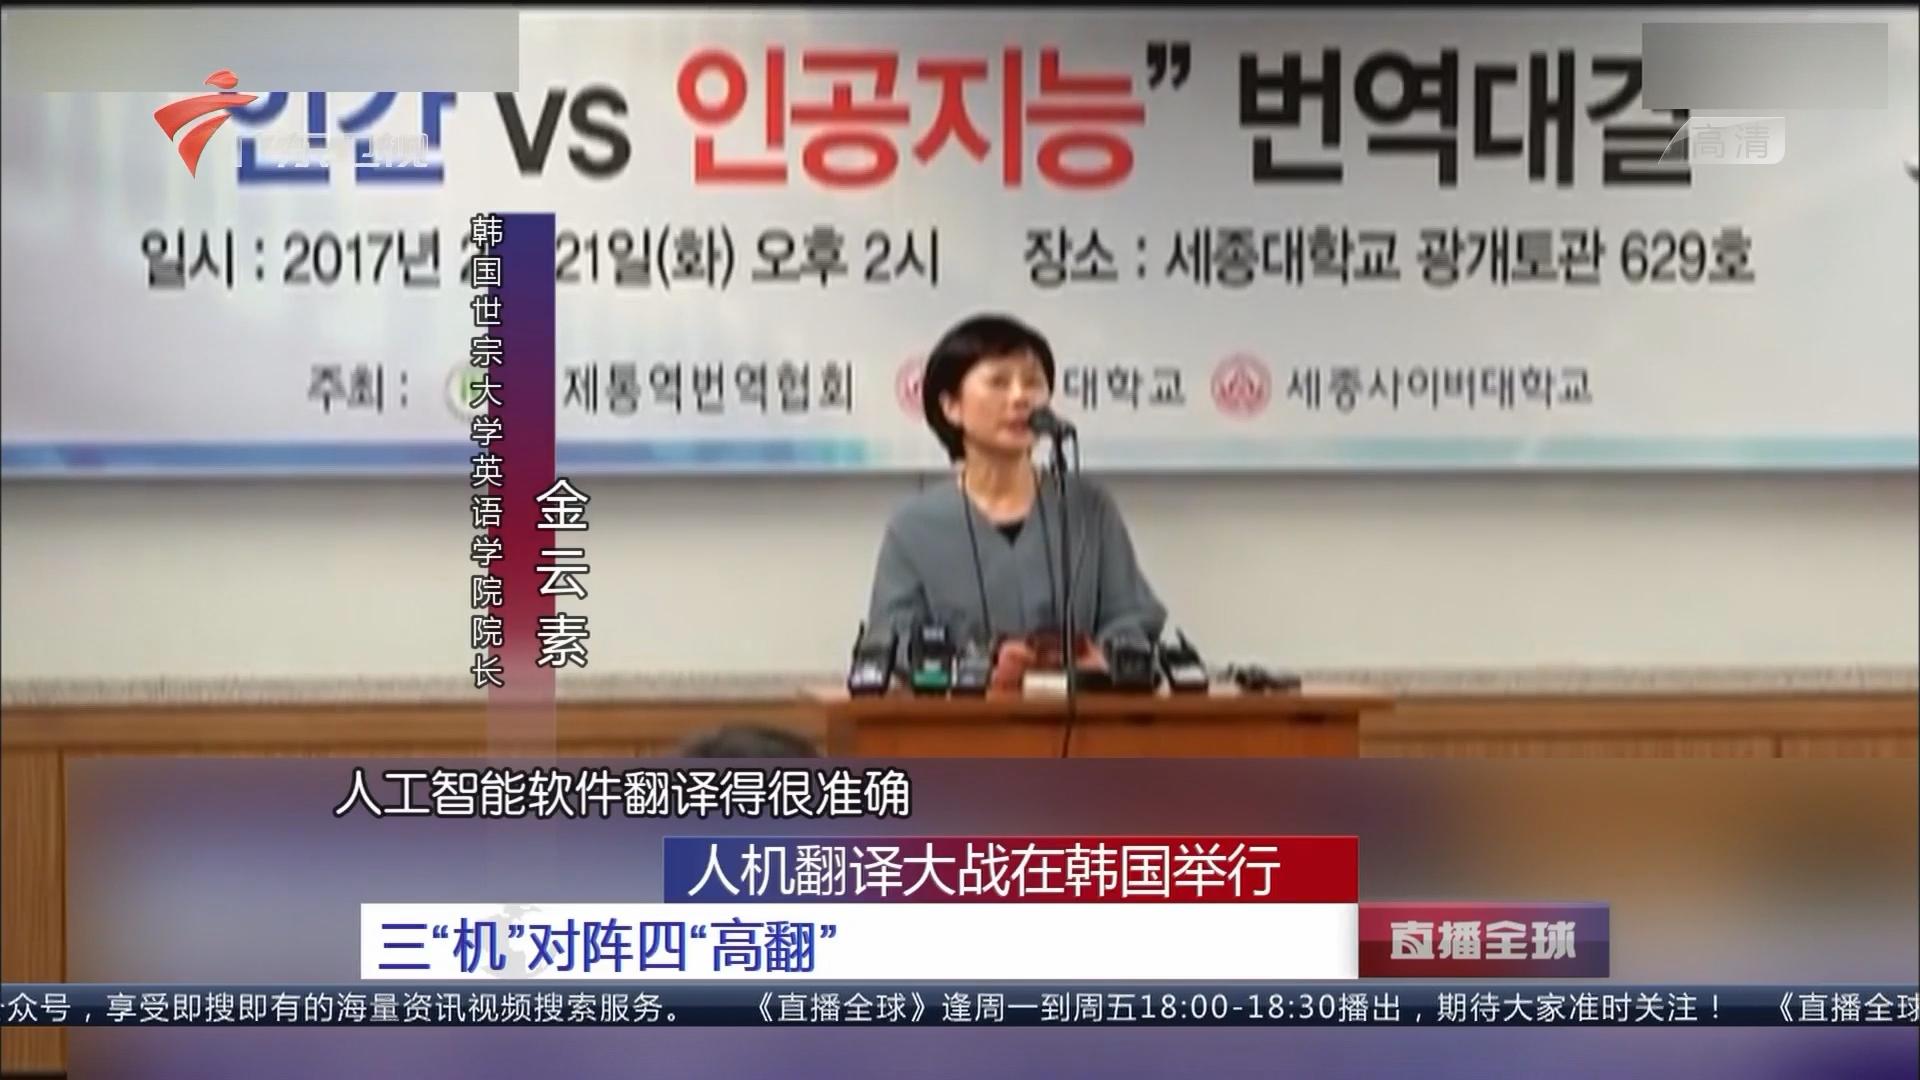 """人机翻译大战在韩国举行 三""""机""""对阵四""""高翻"""""""